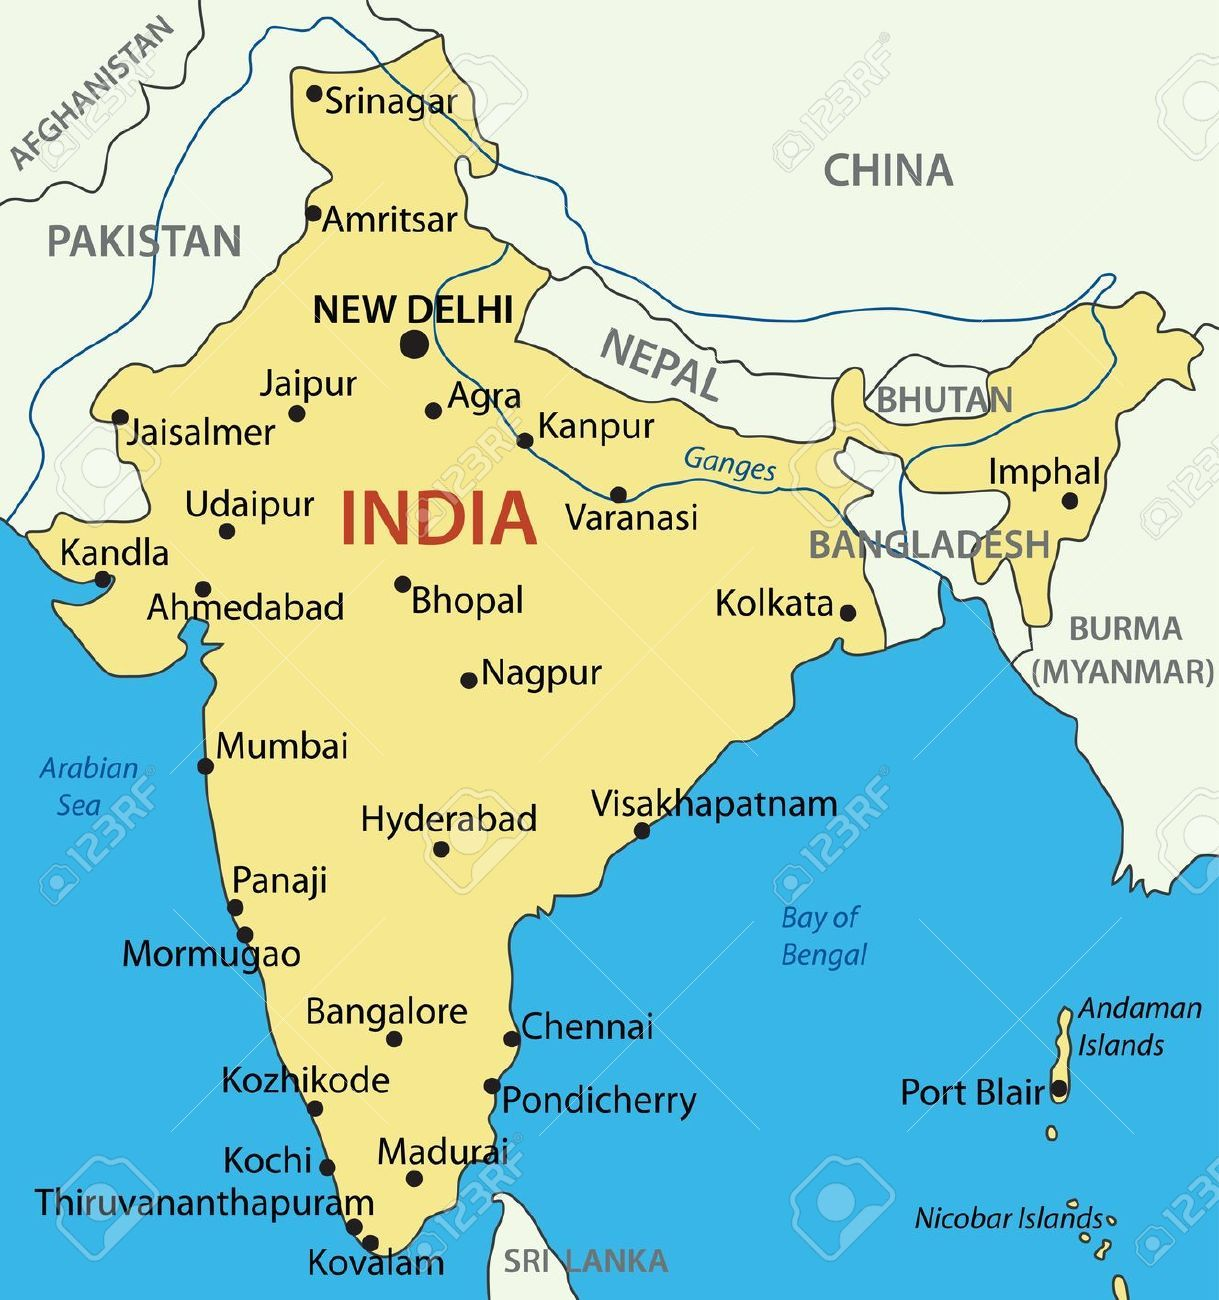 india mapa mapa india | Jornada sobre la Paz | 30/01/2016 | Pinterest | India india mapa